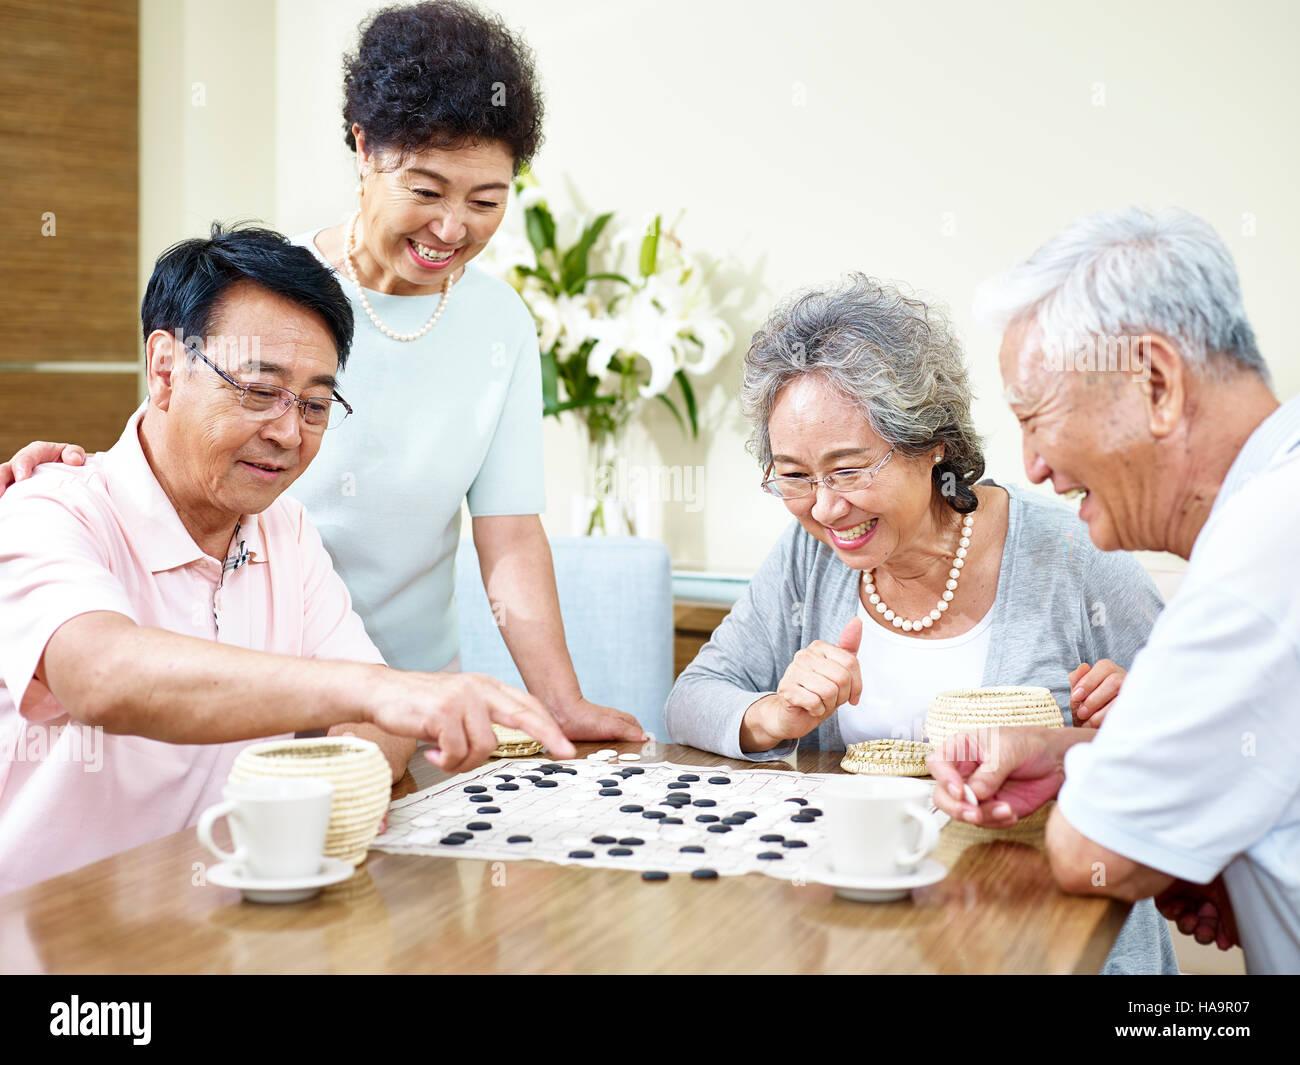 zwei hochrangige asiatische Männer spielen Weiqi (oder Go-Spiel) zu Hause mit ihren Frauen beobachten. Stockbild